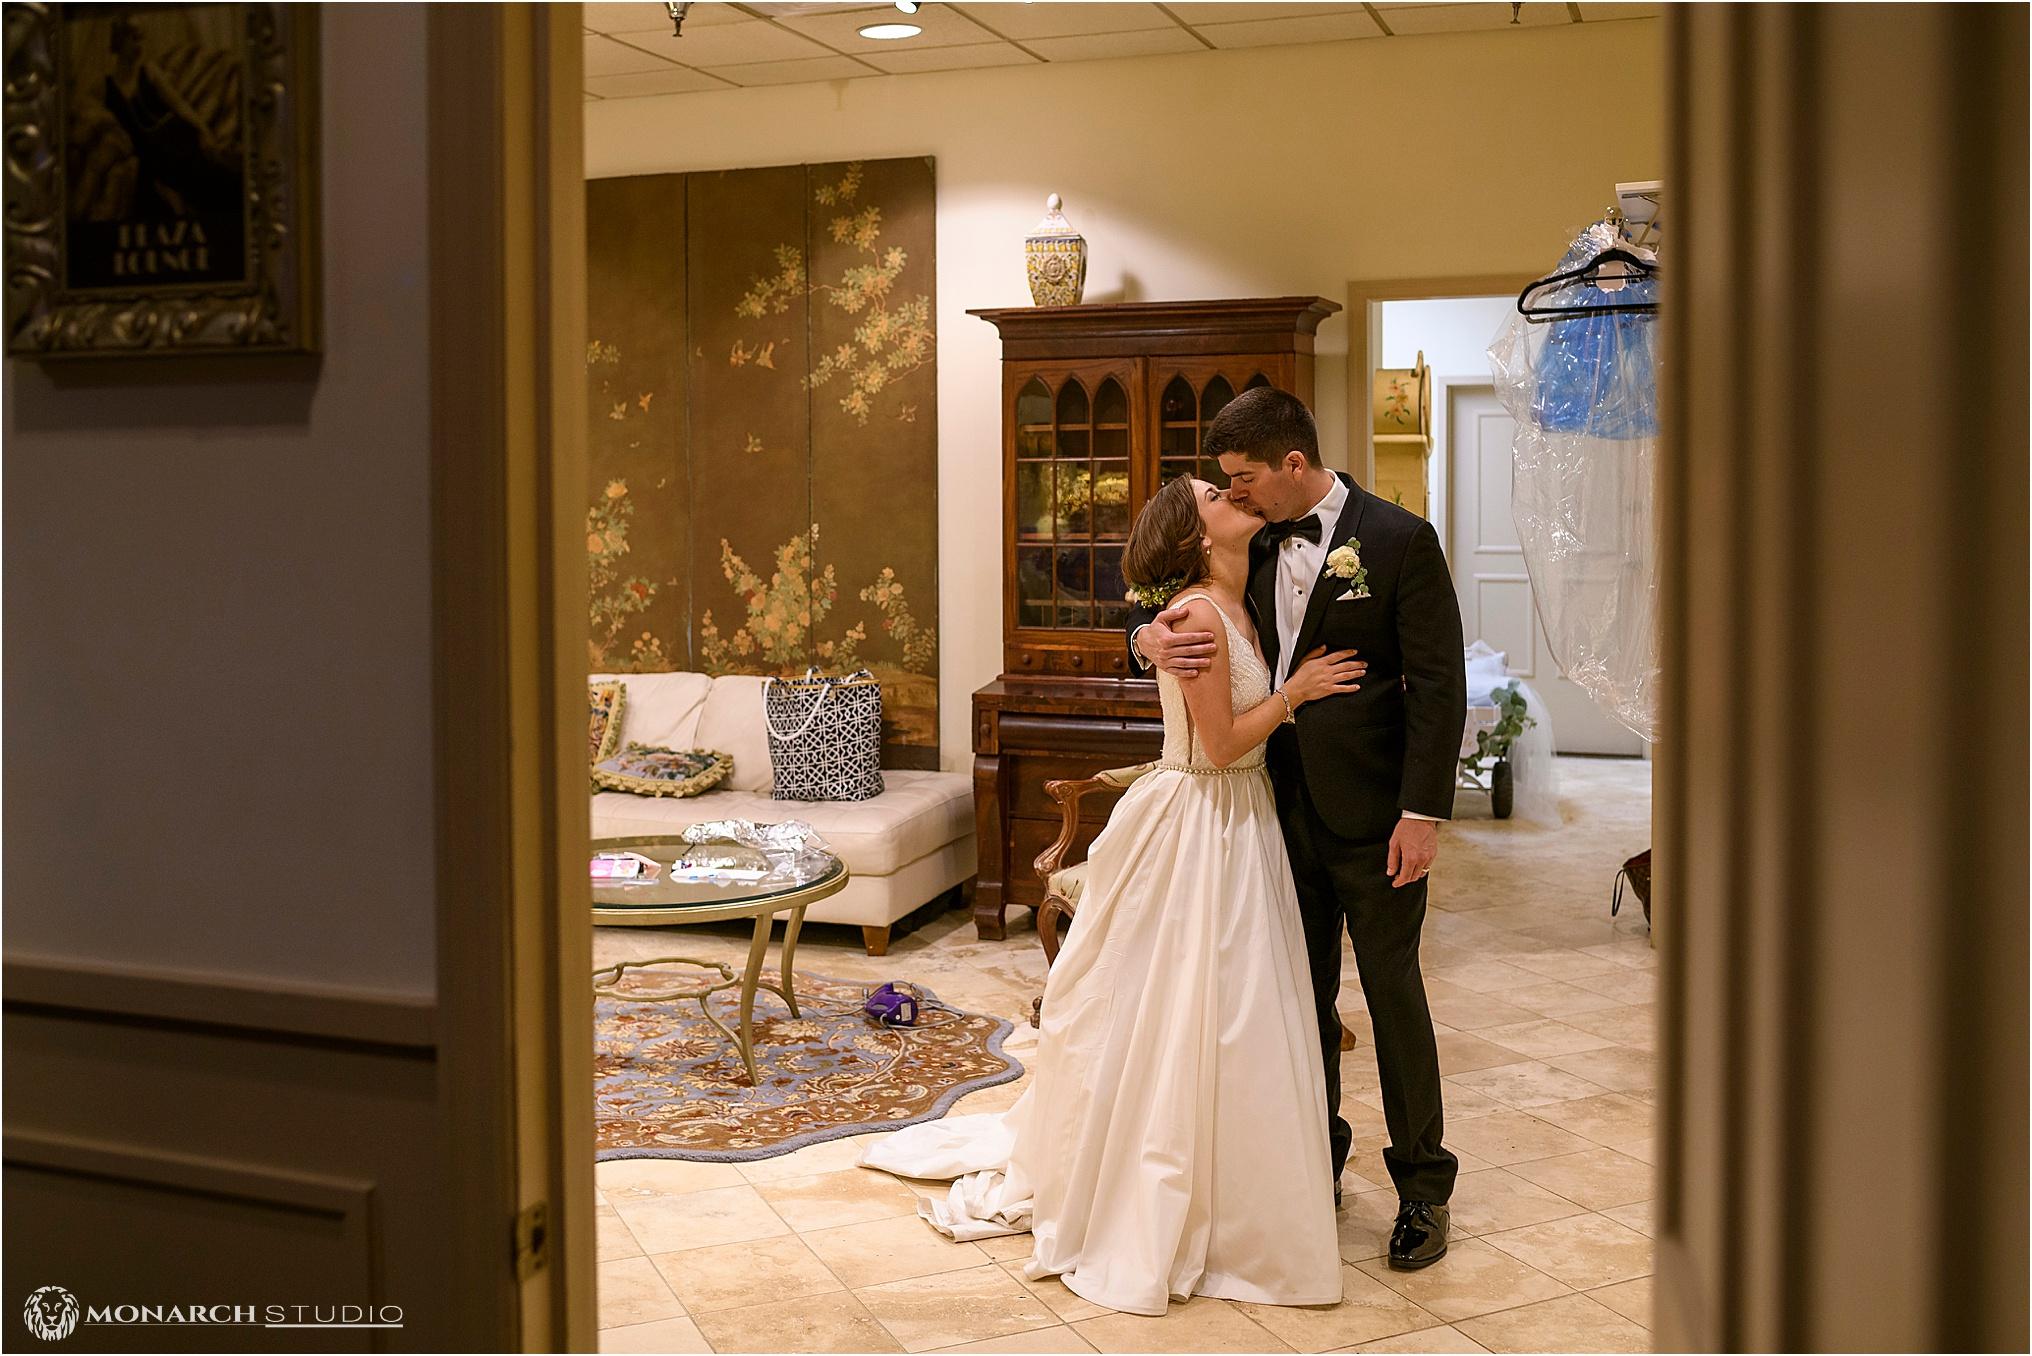 Wedding-PHotographer-in-st-augustine-2019-144.jpg